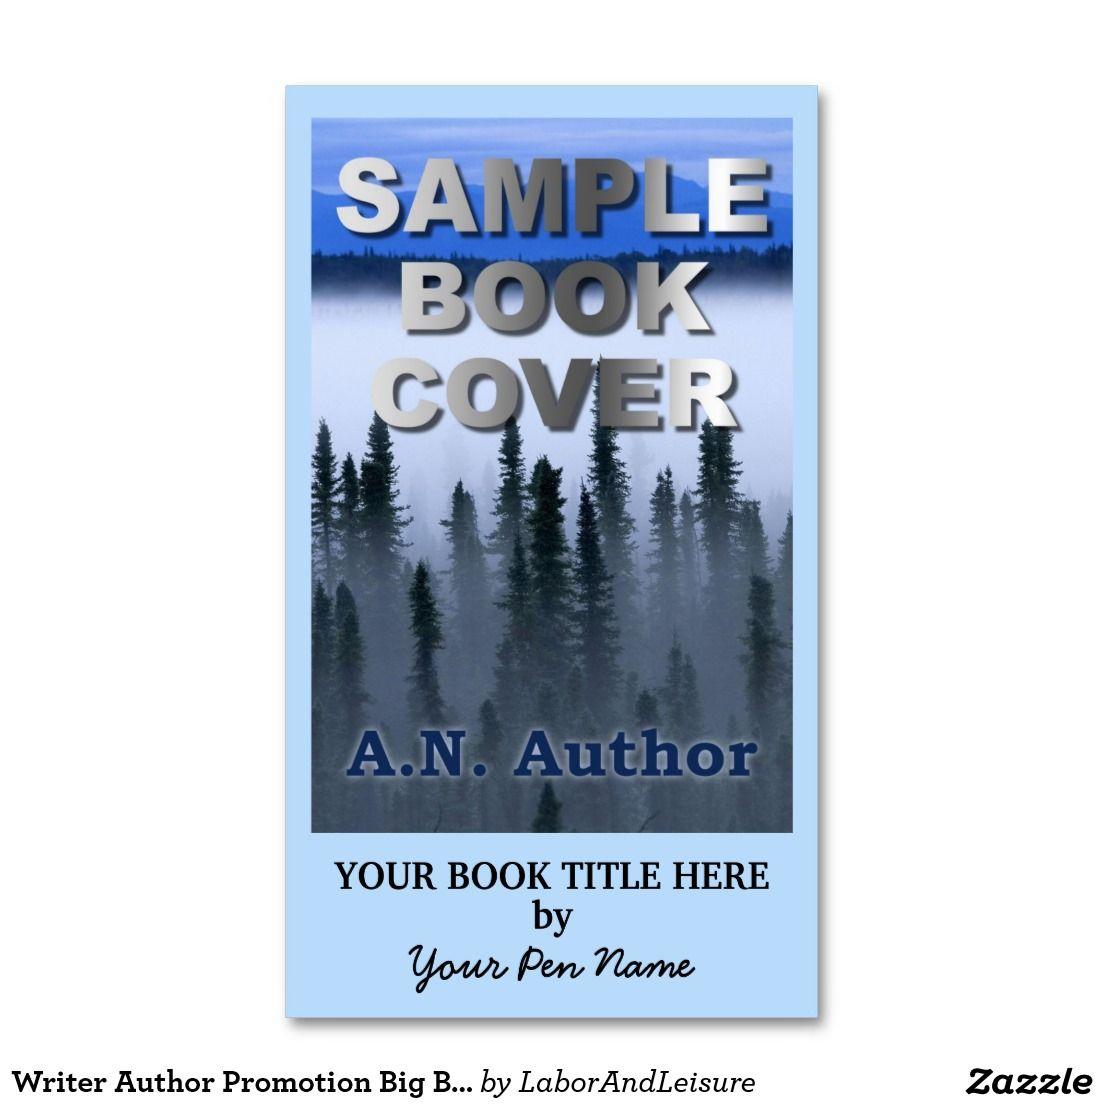 Writer Author Promotion Big Book Cover Business Card | Portada de ...